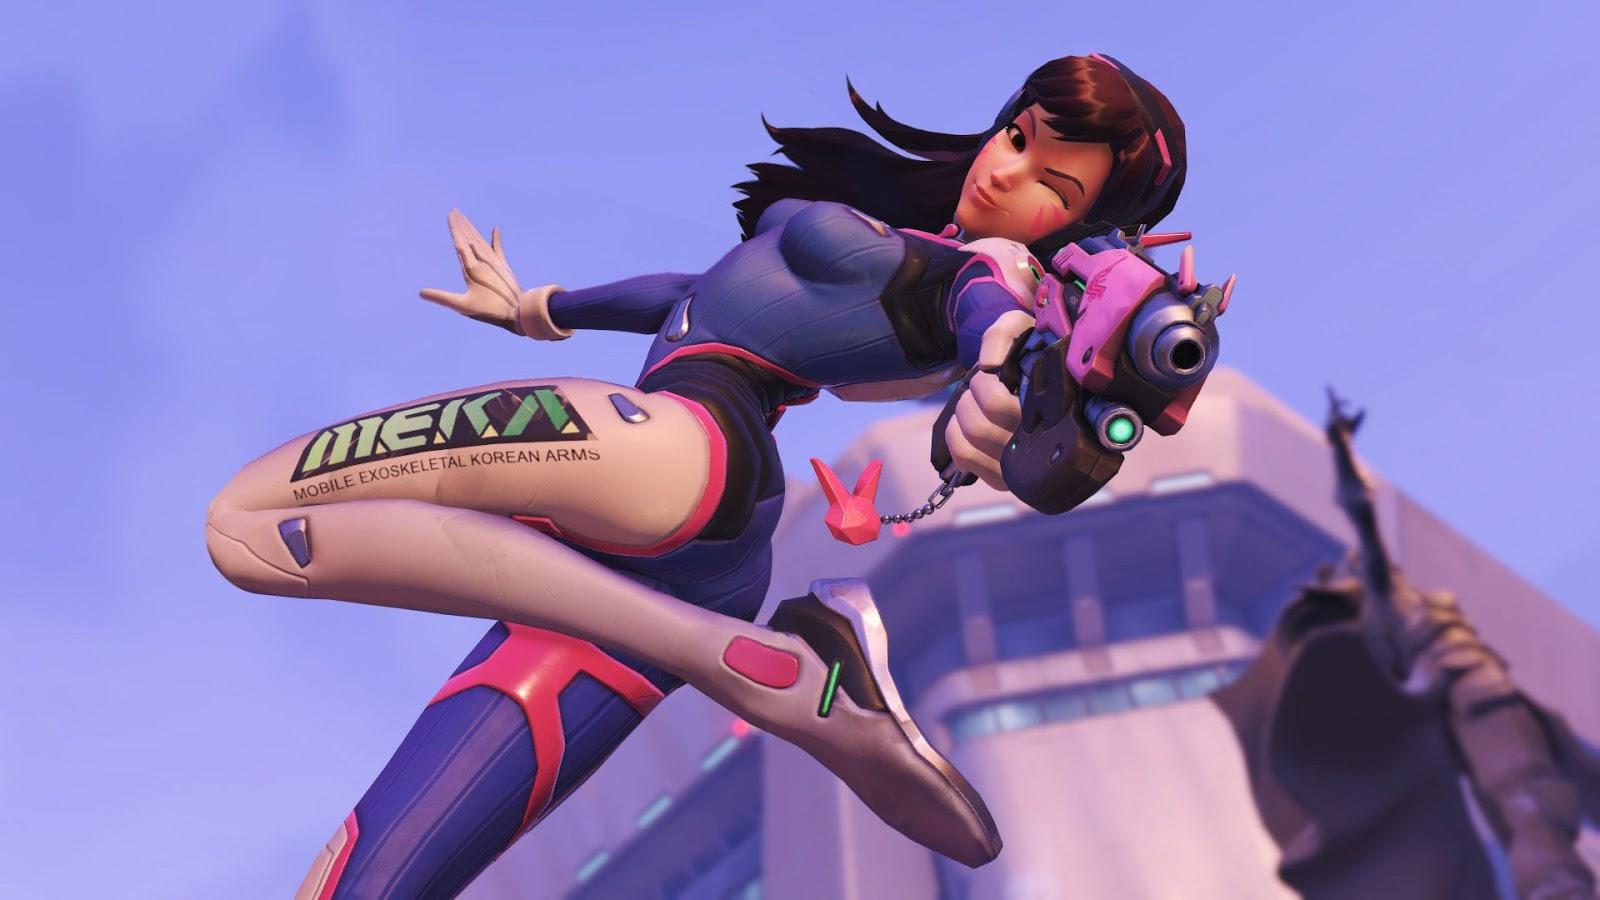 Косплей персонажев Overwatch от девушек из СНГ